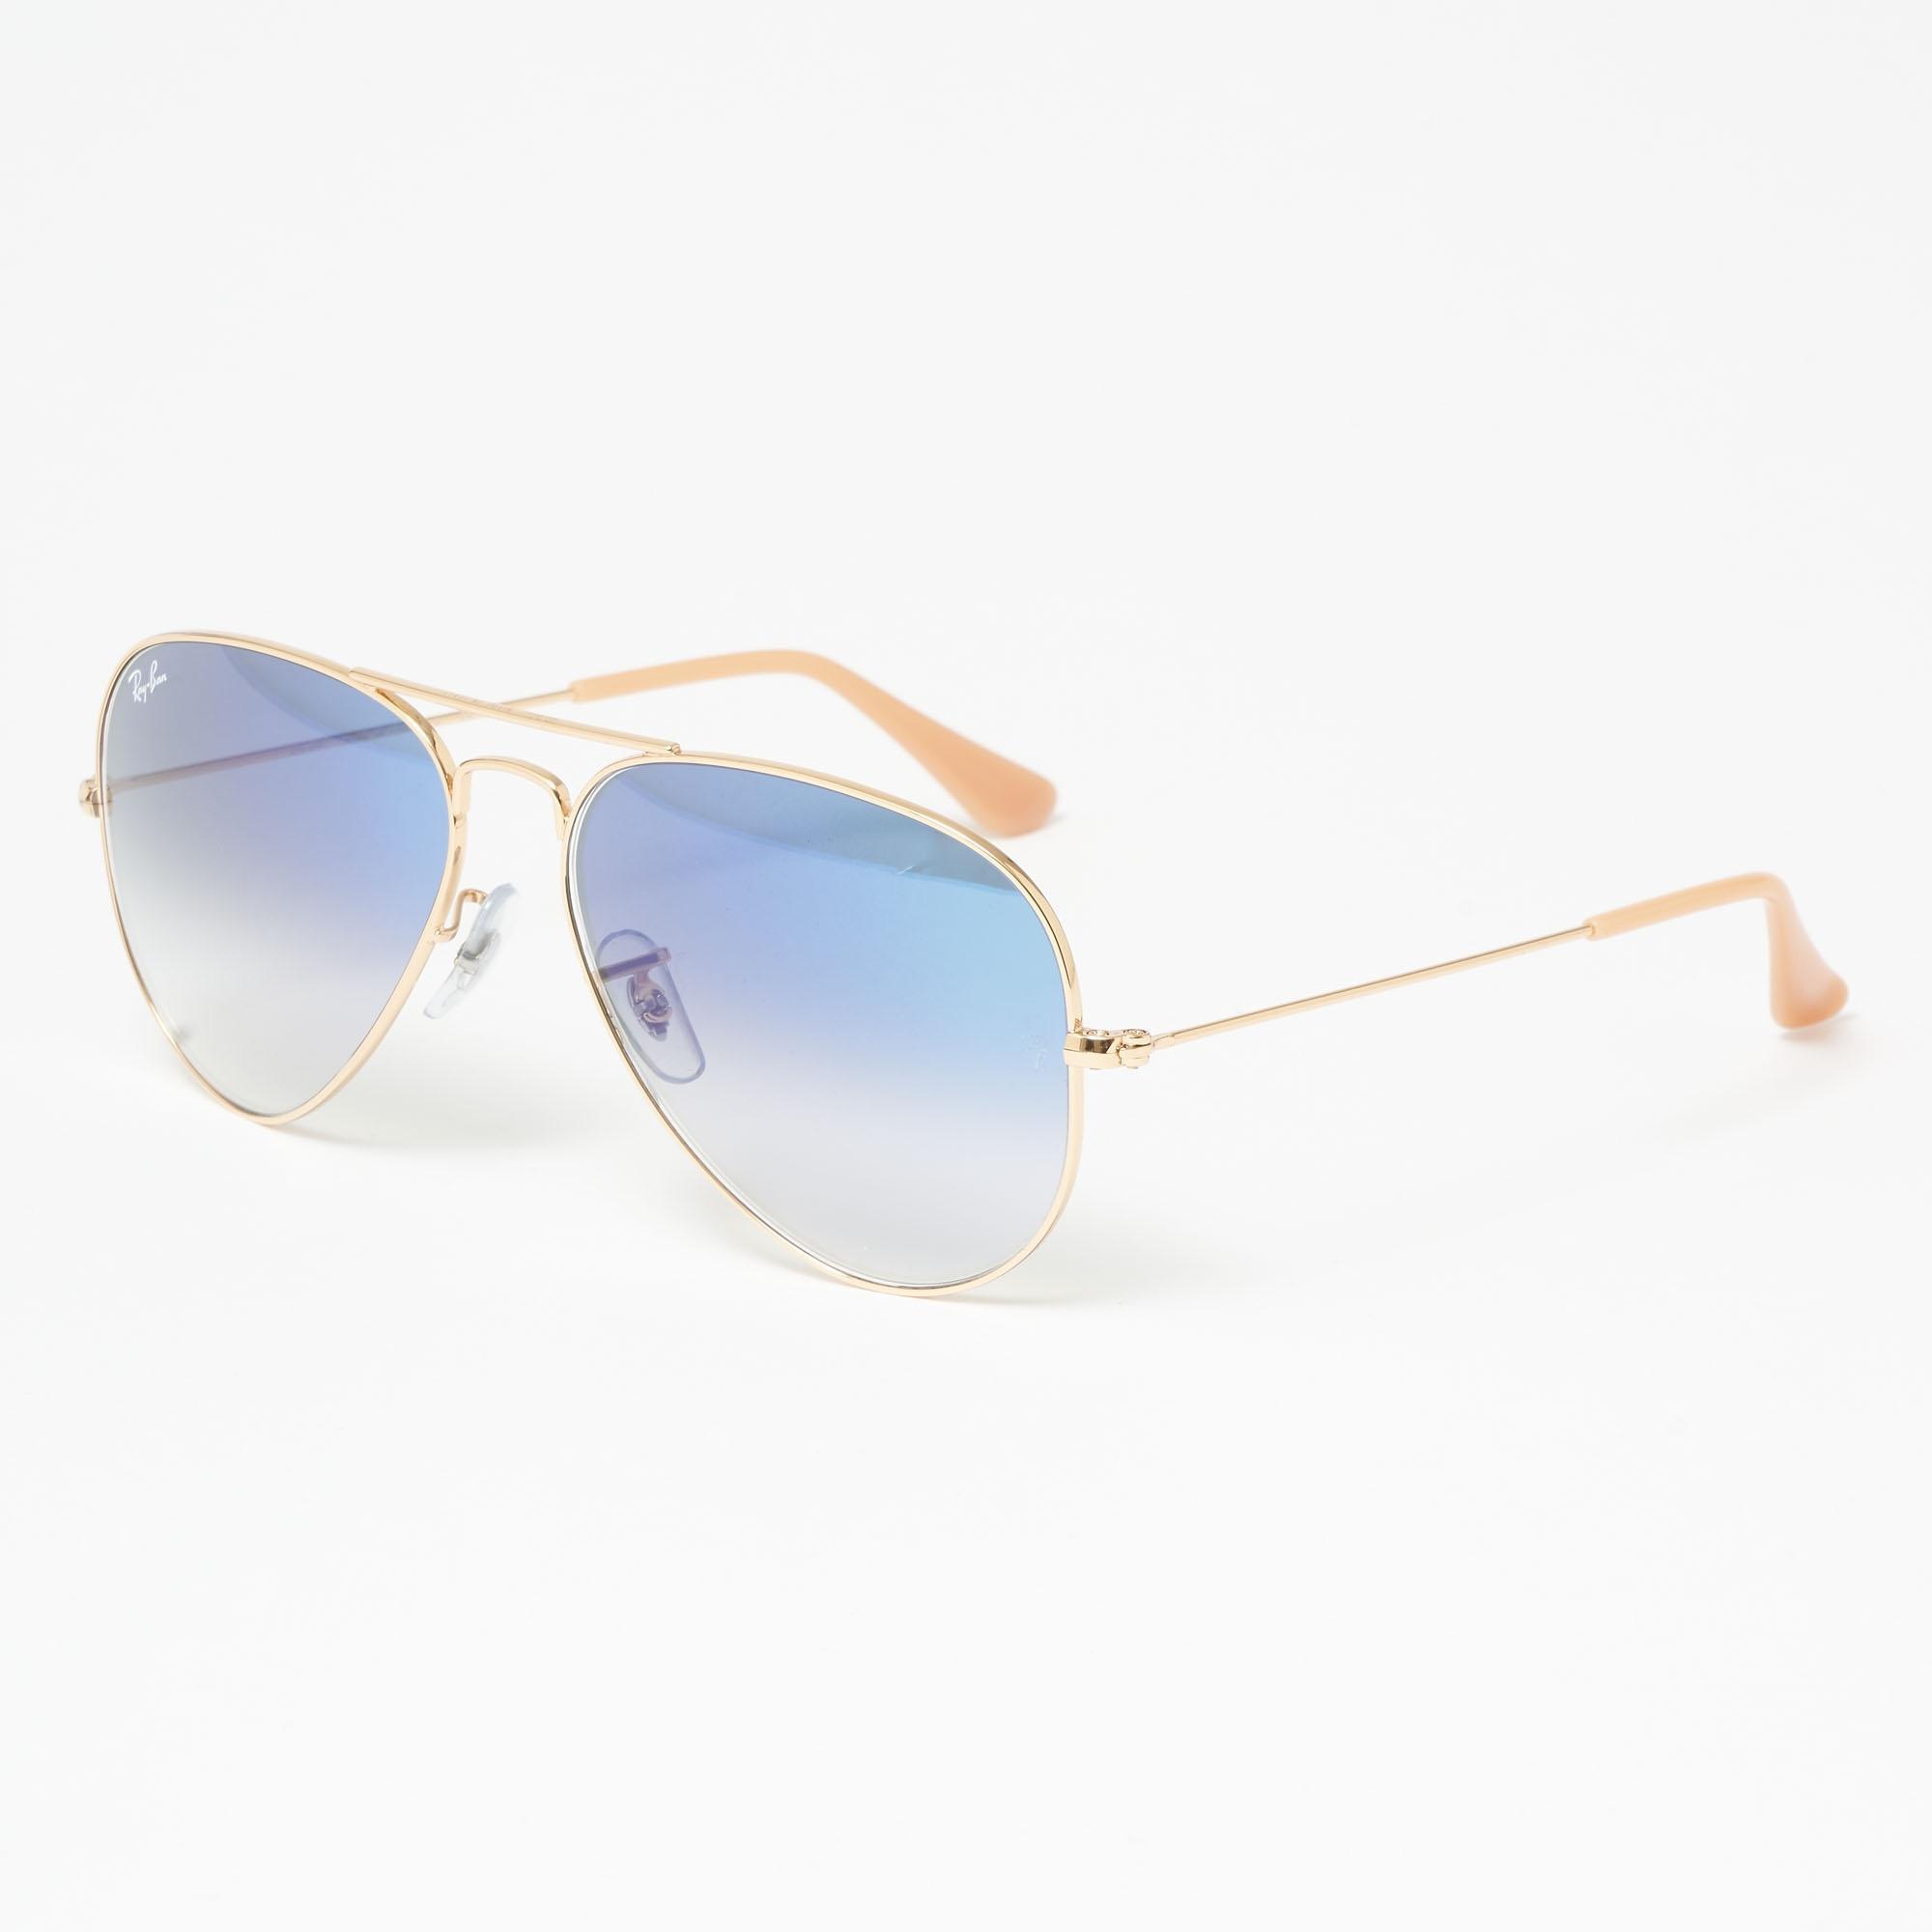 5044d91fbb Ray-Ban Aviator Gradient Sunglasses - Light Blue Gradient Lenses in ...